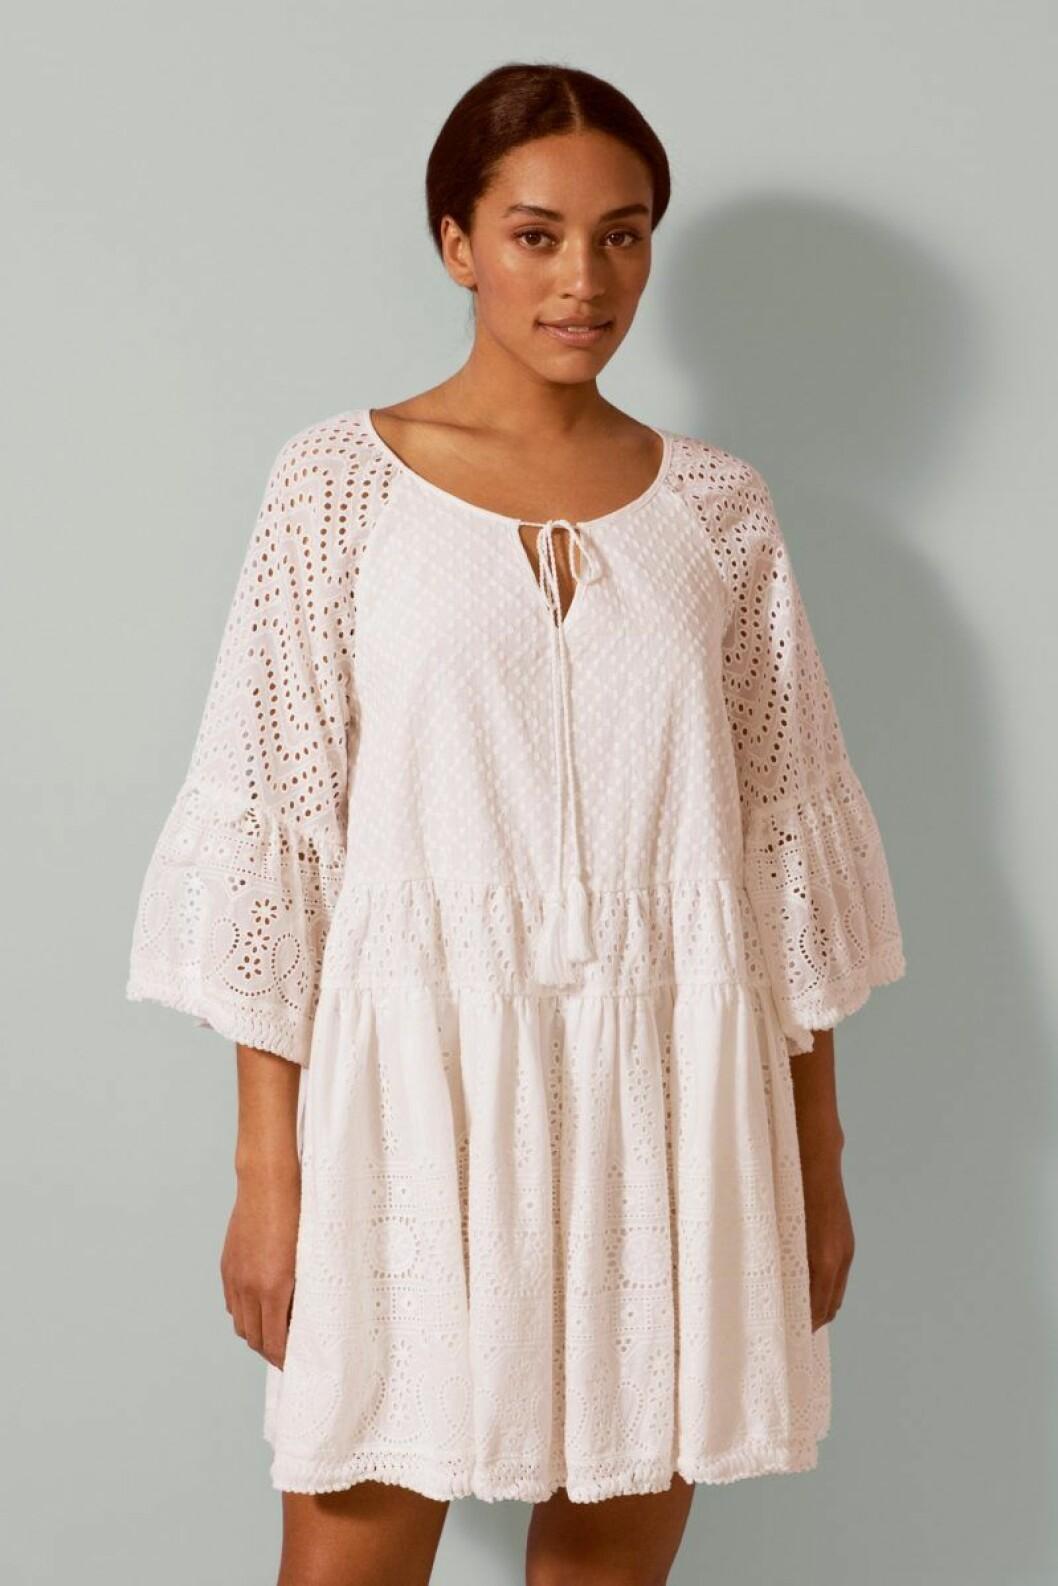 Mini Malina collection 2020: Vit klänning för dam